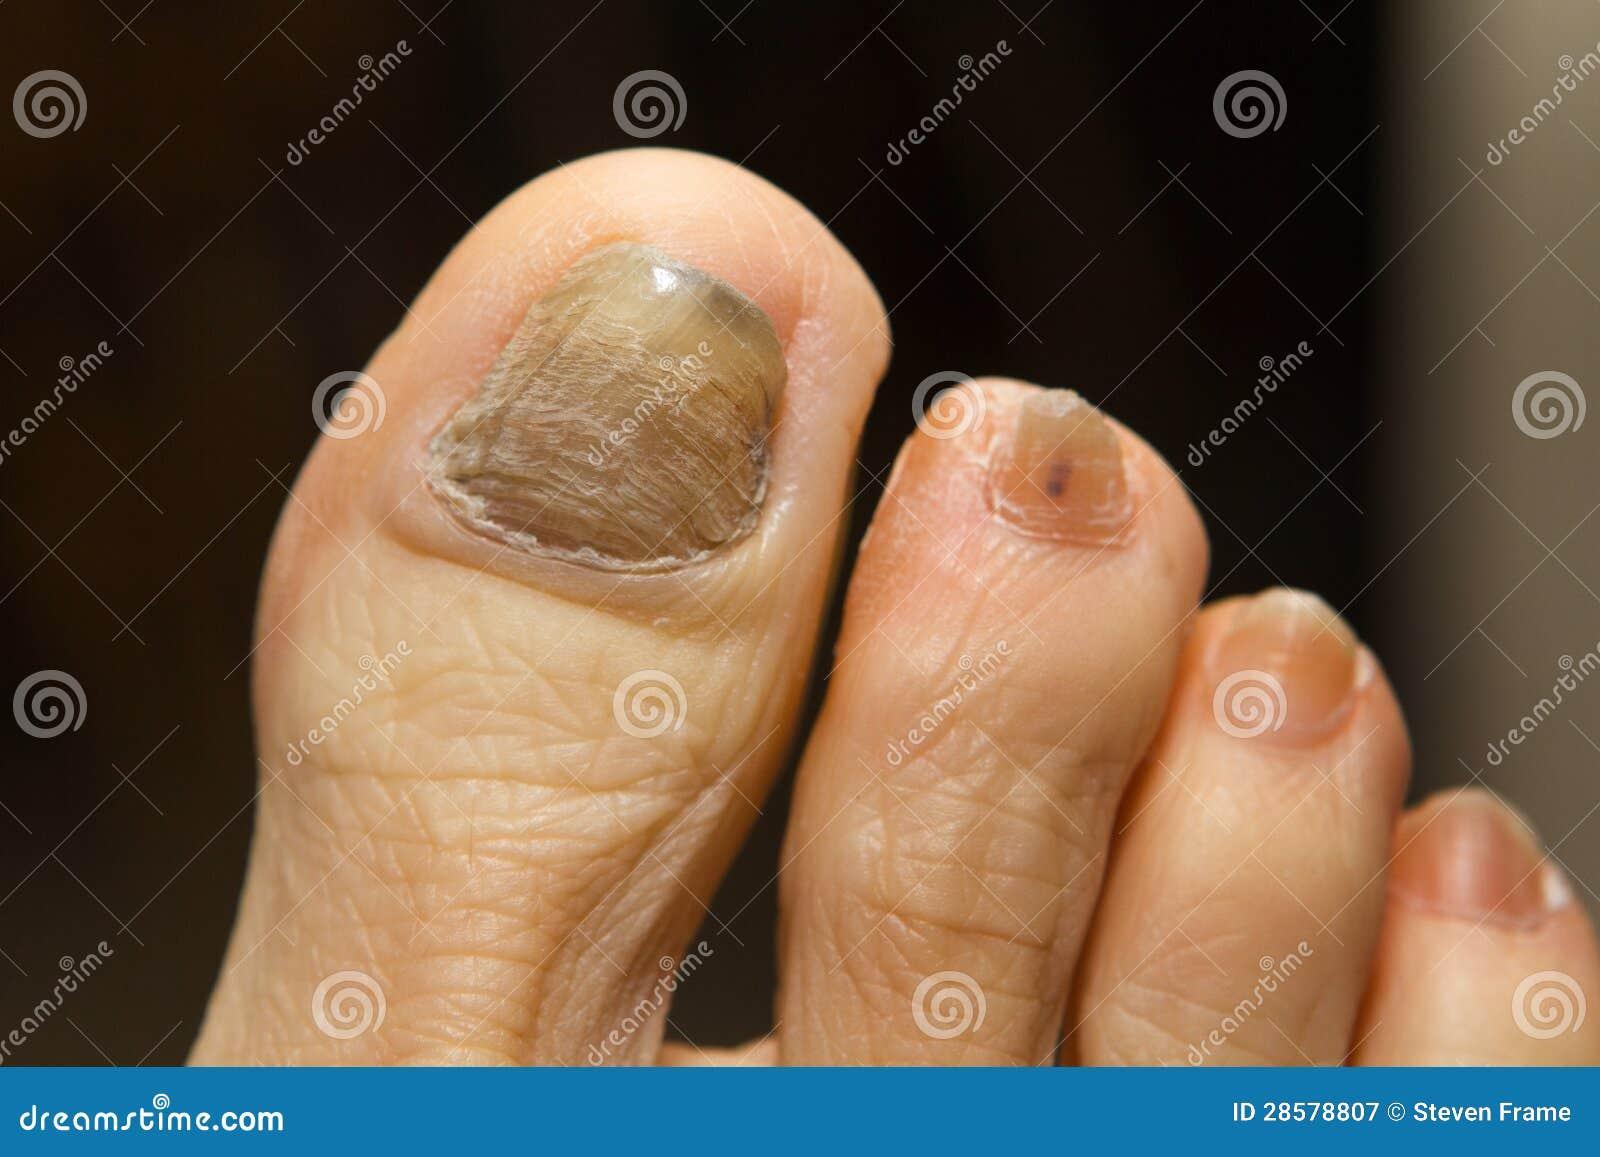 Fungo tra le dita che sopportano le ragioni e il trattamento